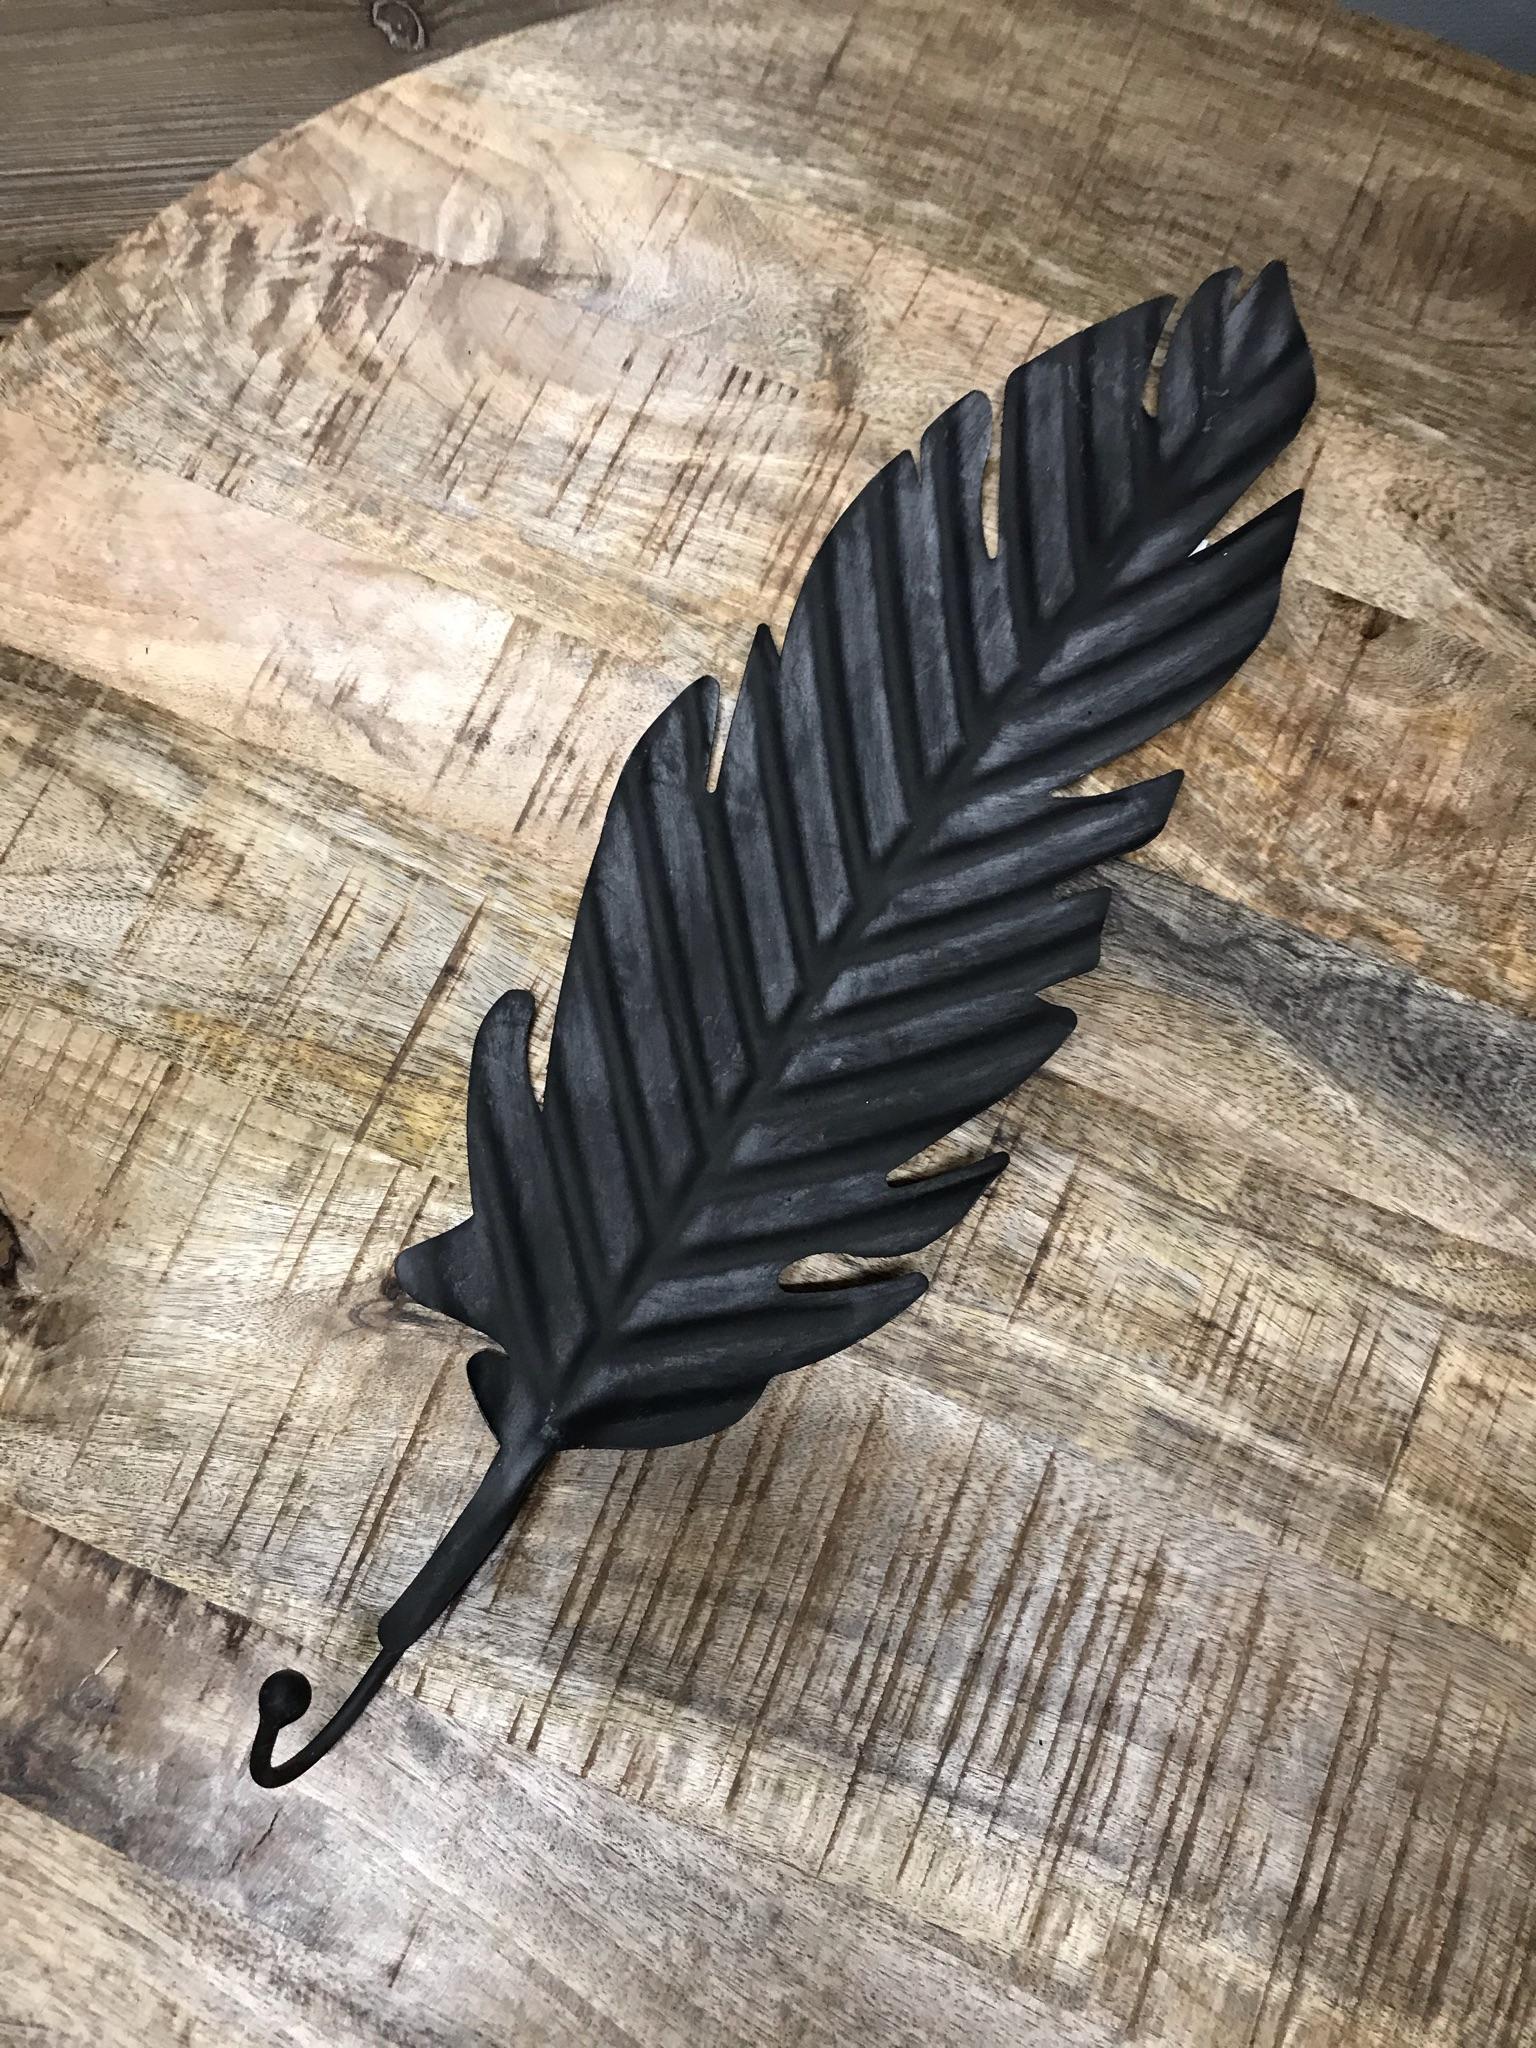 Metallhaken Blatt schwarz